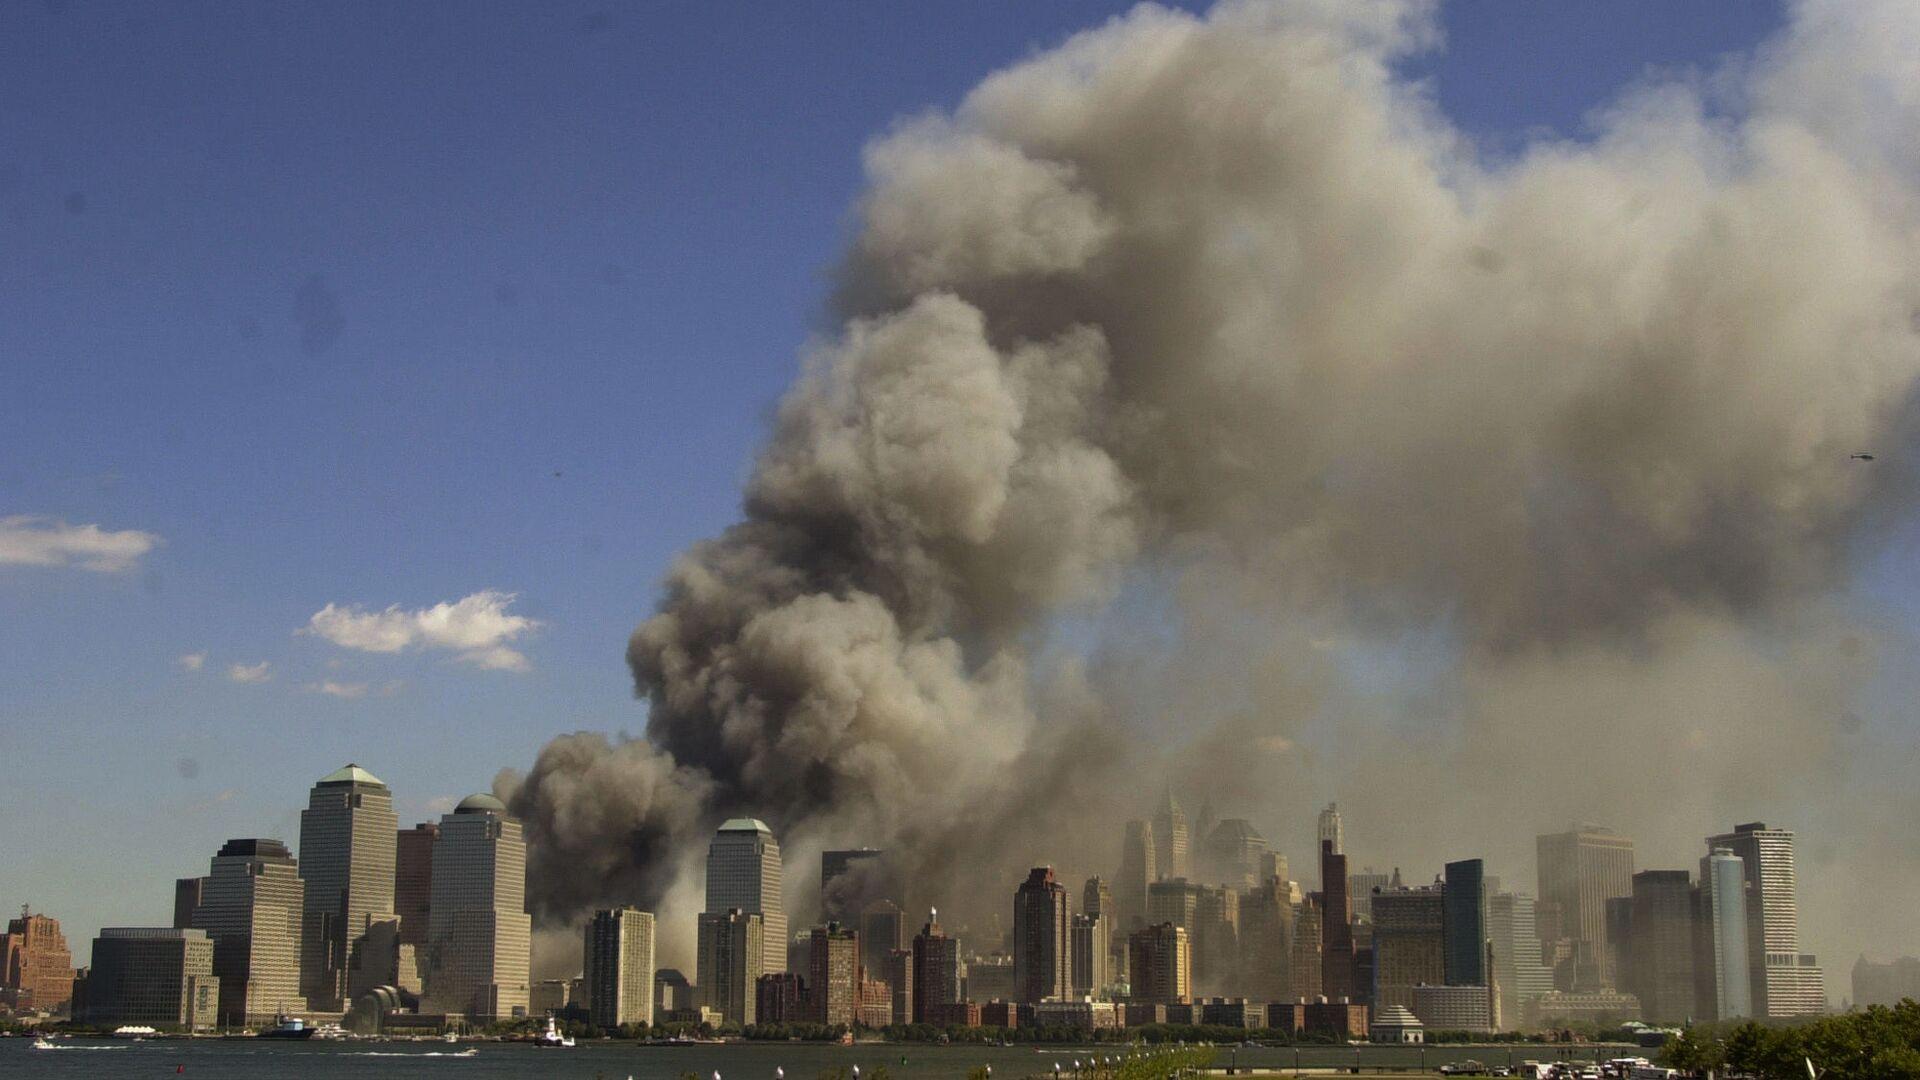 Башни Всемирного торгового центра в огне после теракта 11 сентября - Sputnik Таджикистан, 1920, 16.09.2021